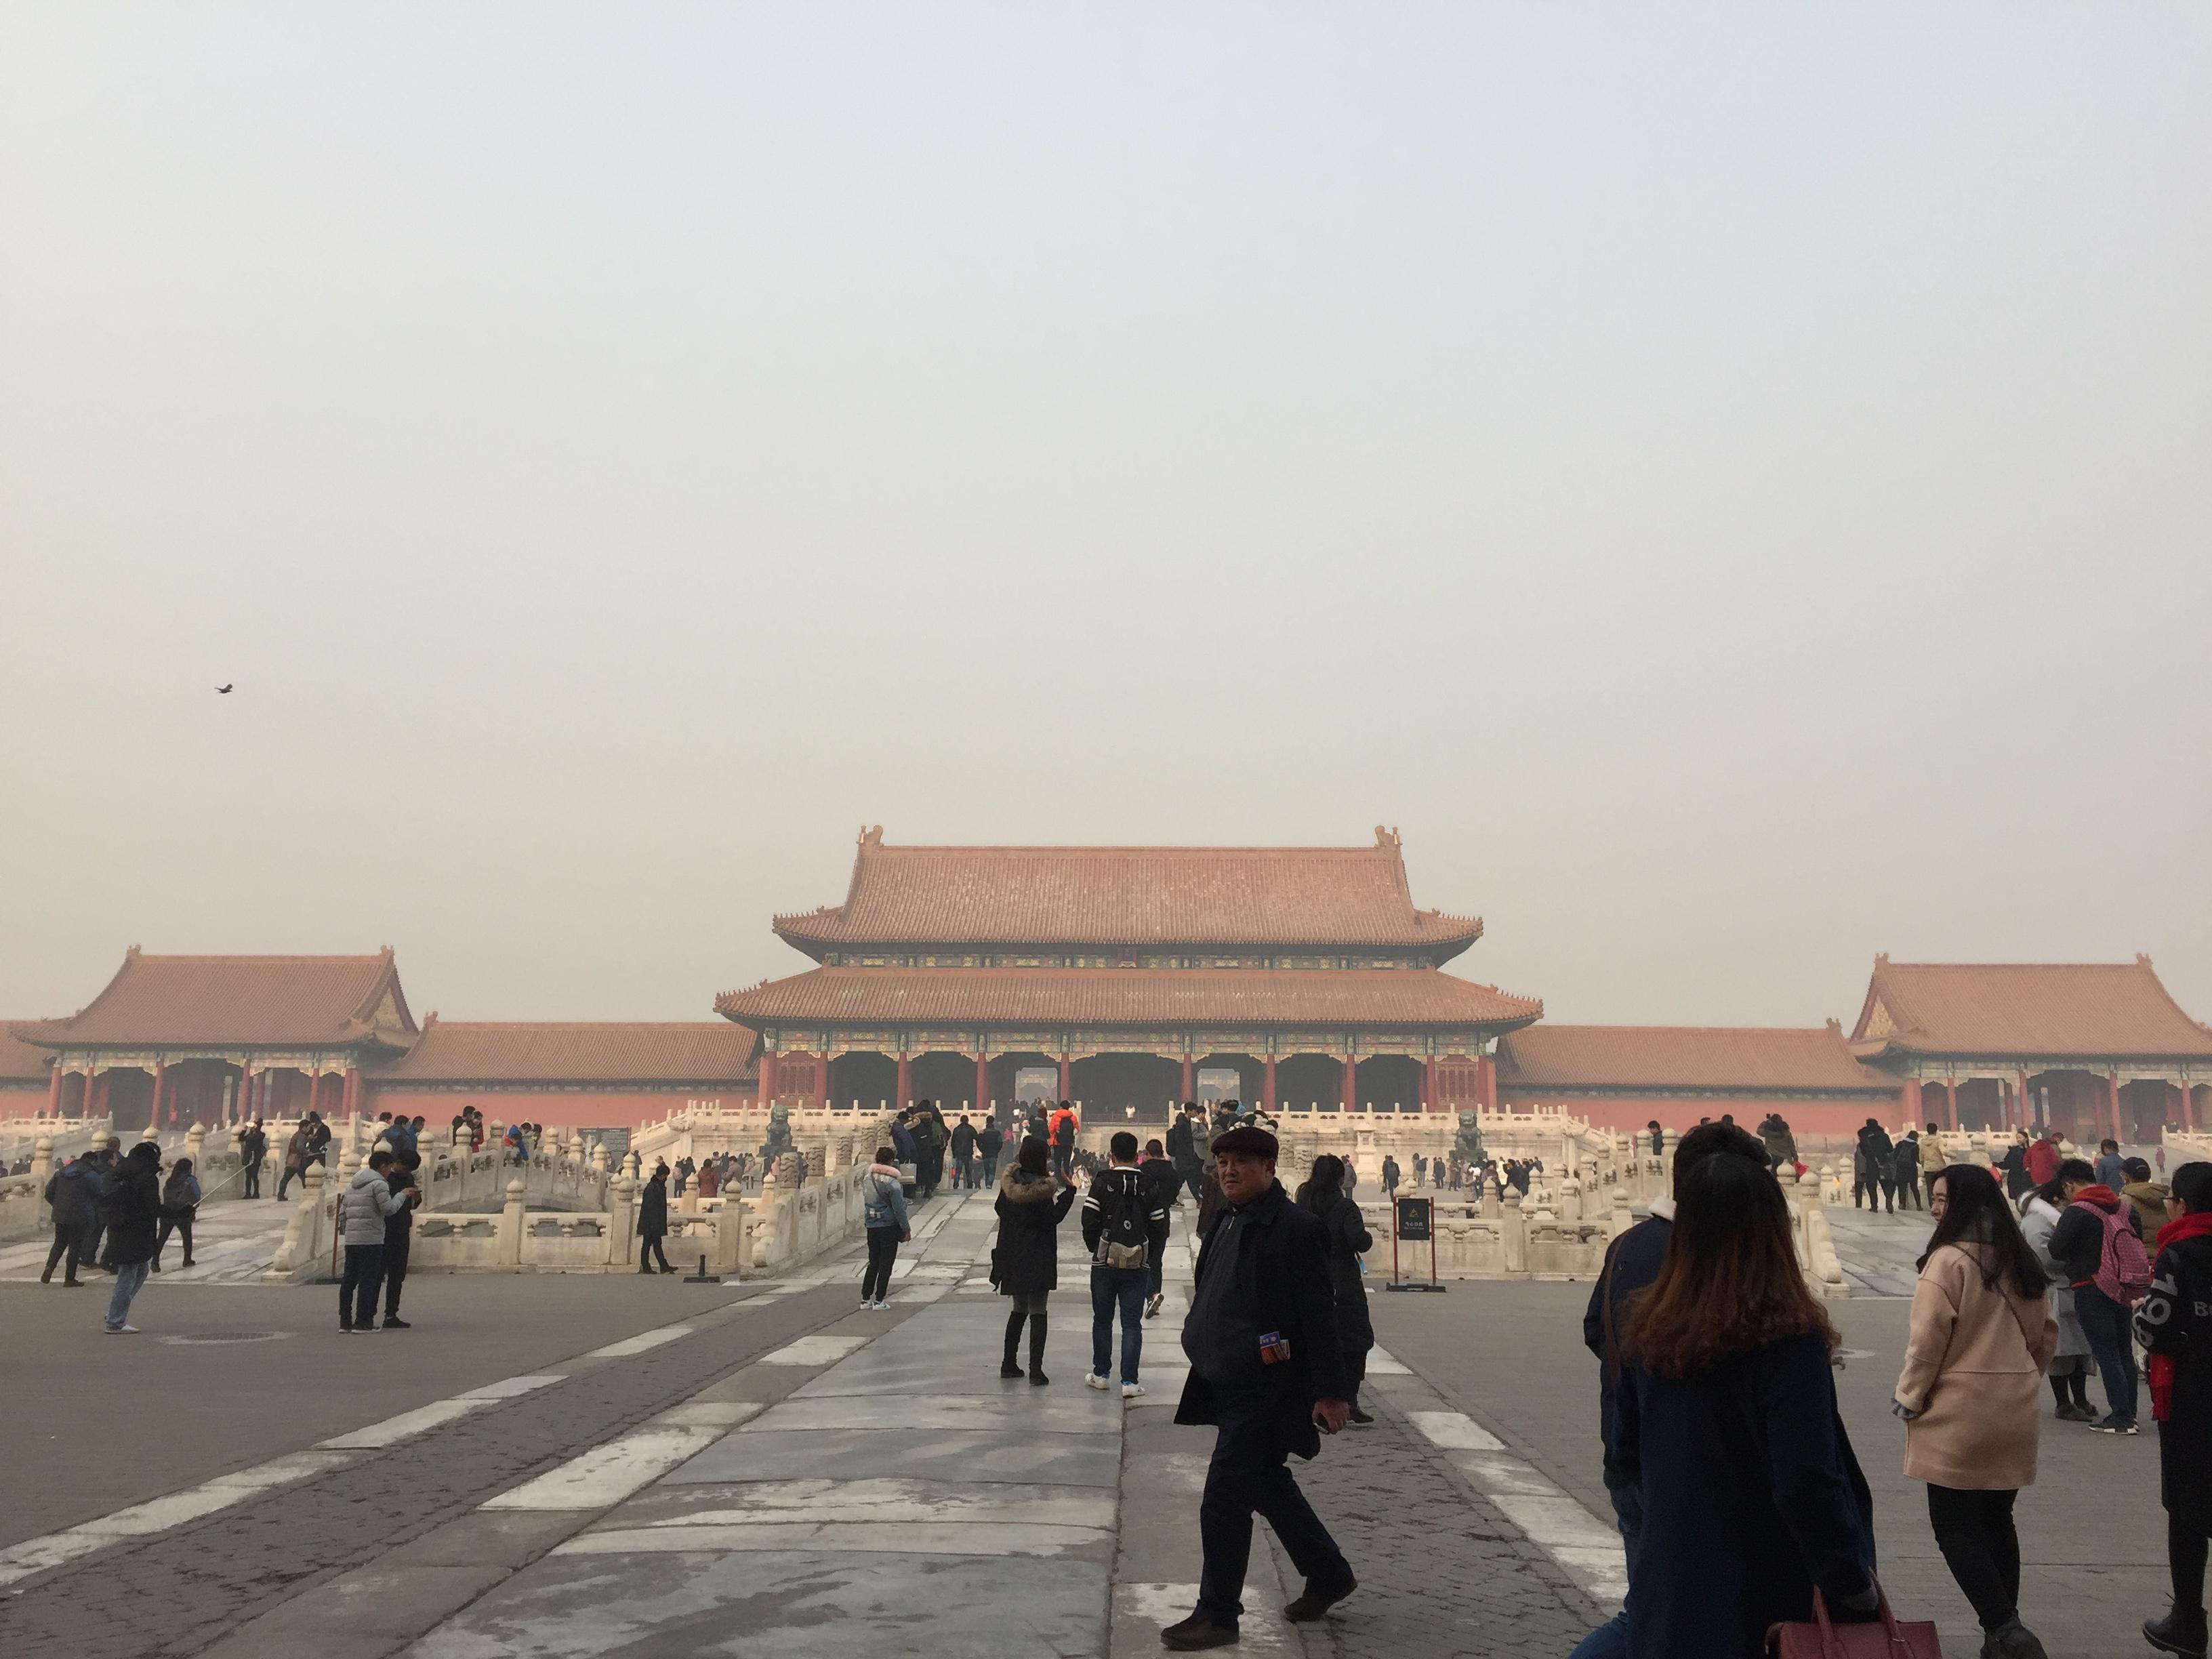 Beijing Forbidden City Tiananmen Square